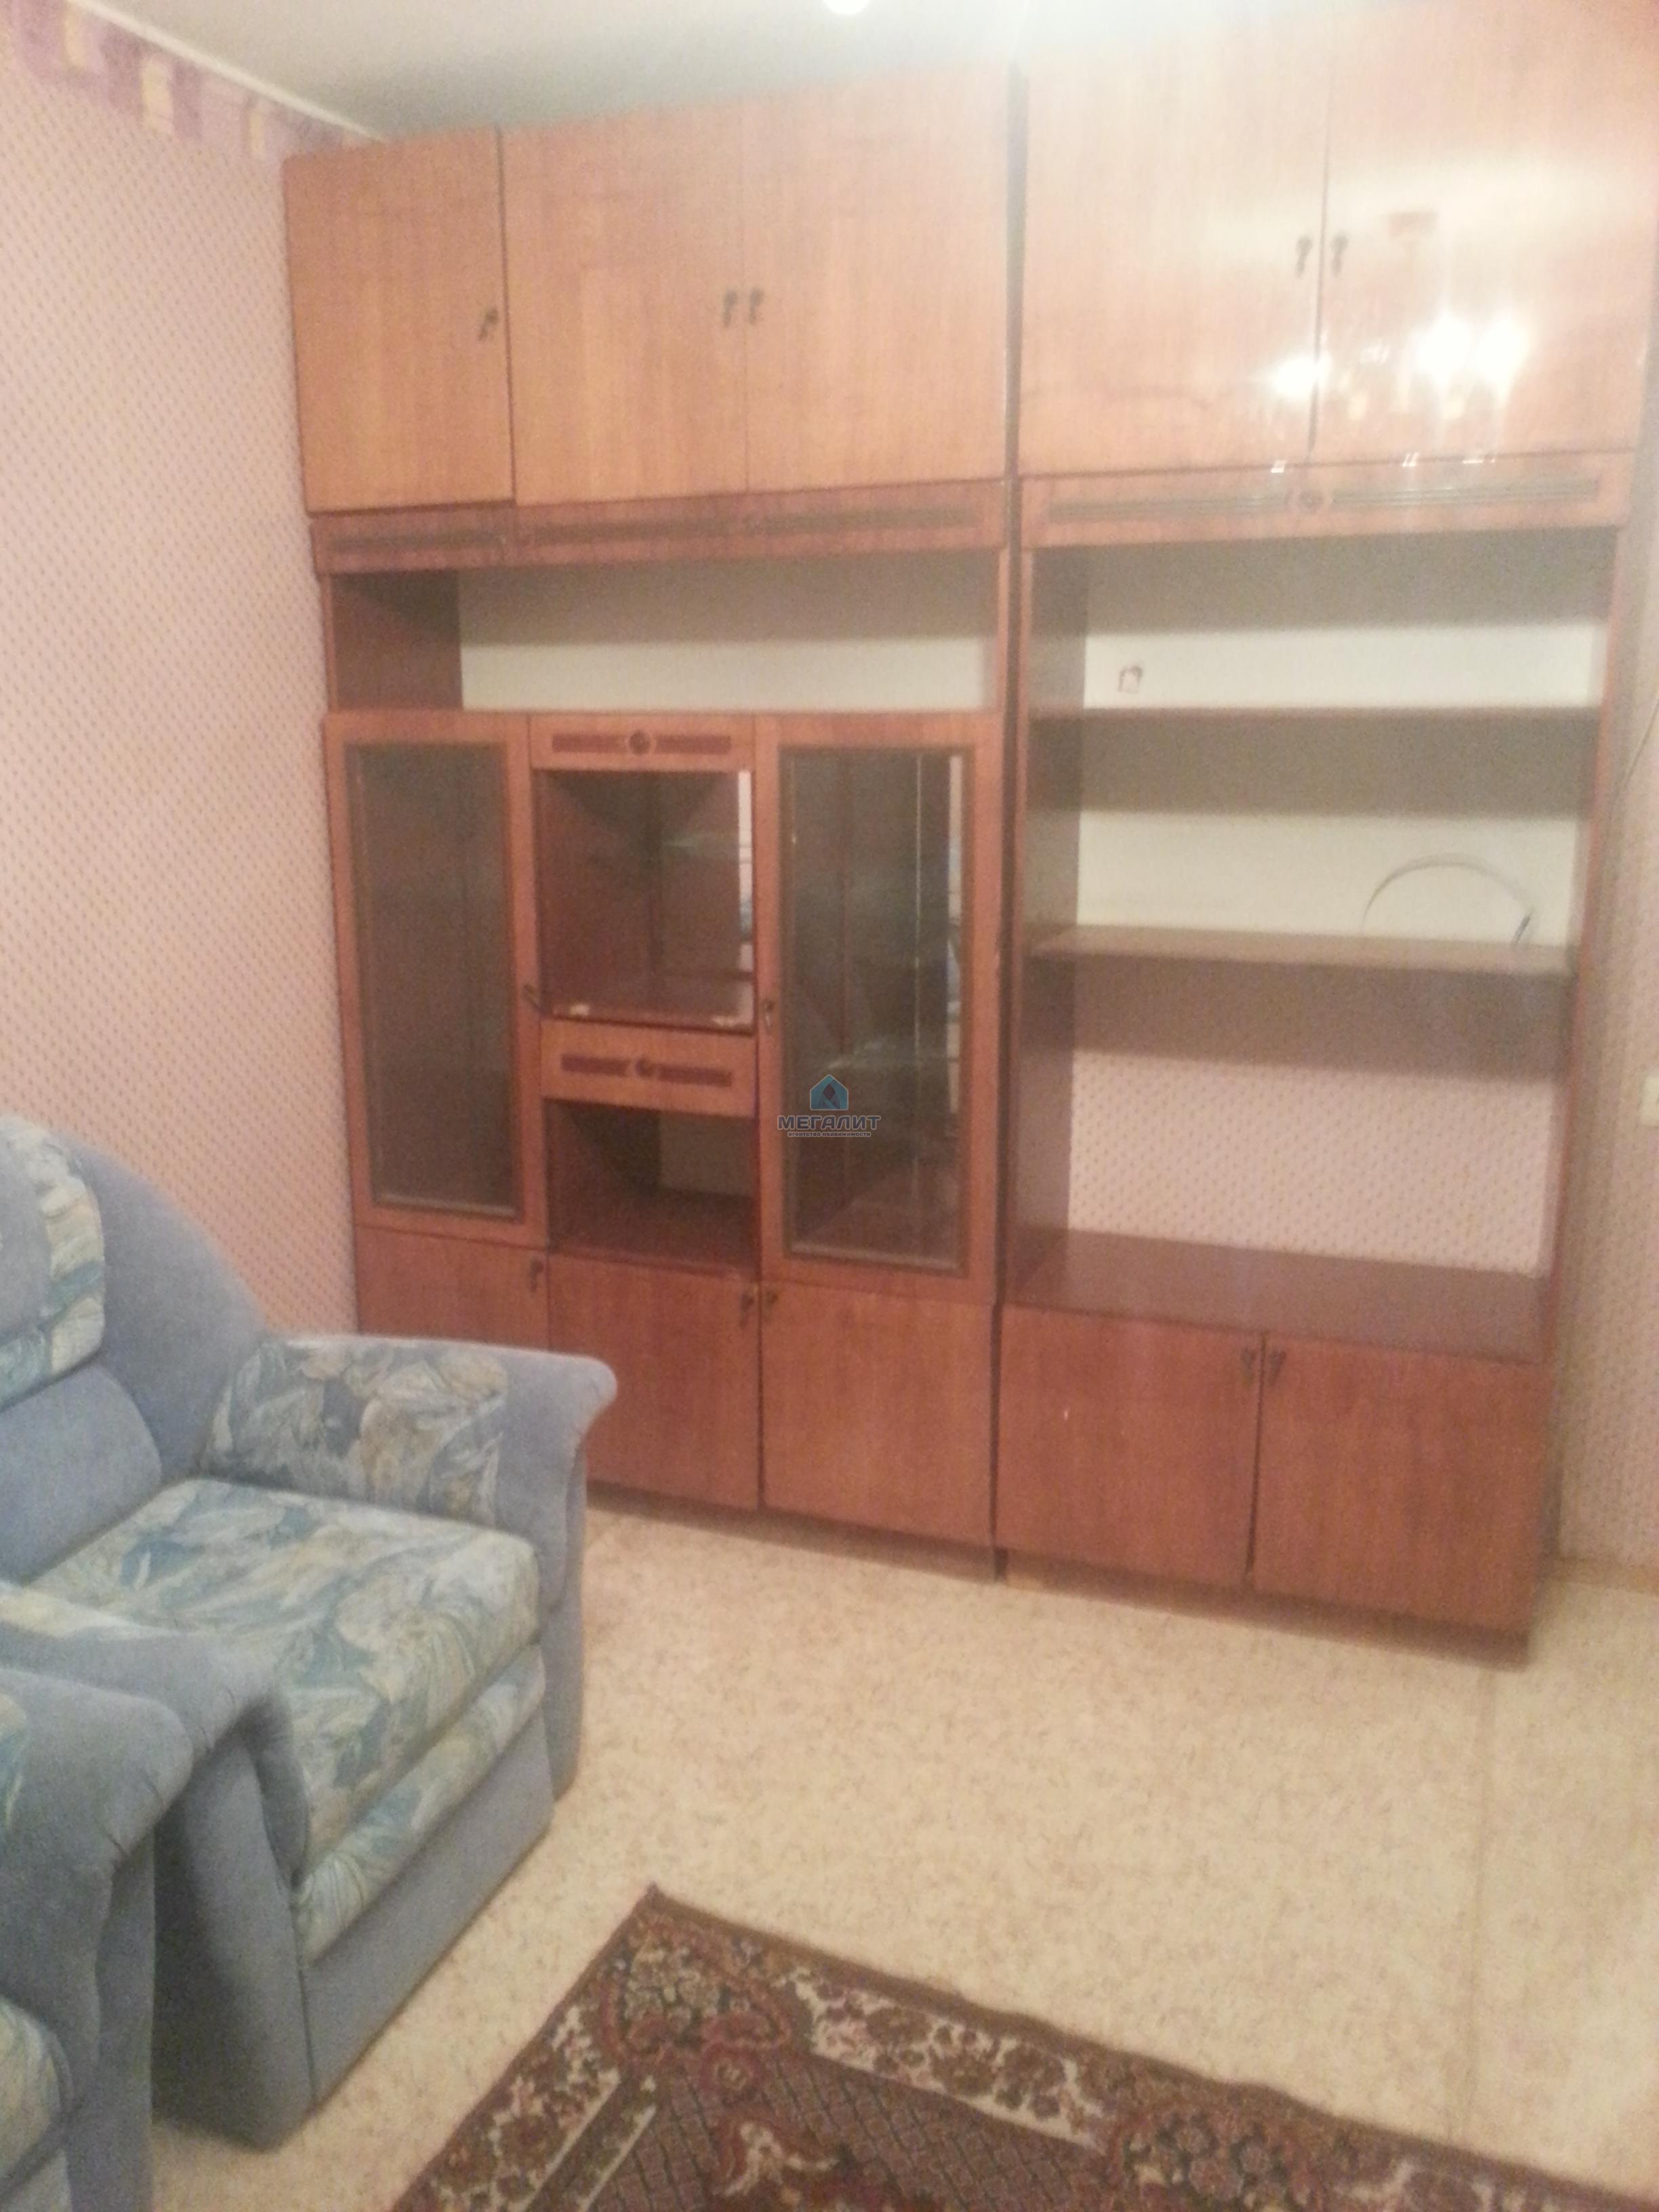 Аренда 1-к квартиры Мамадышский тракт 8, 50 м²  (миниатюра №2)